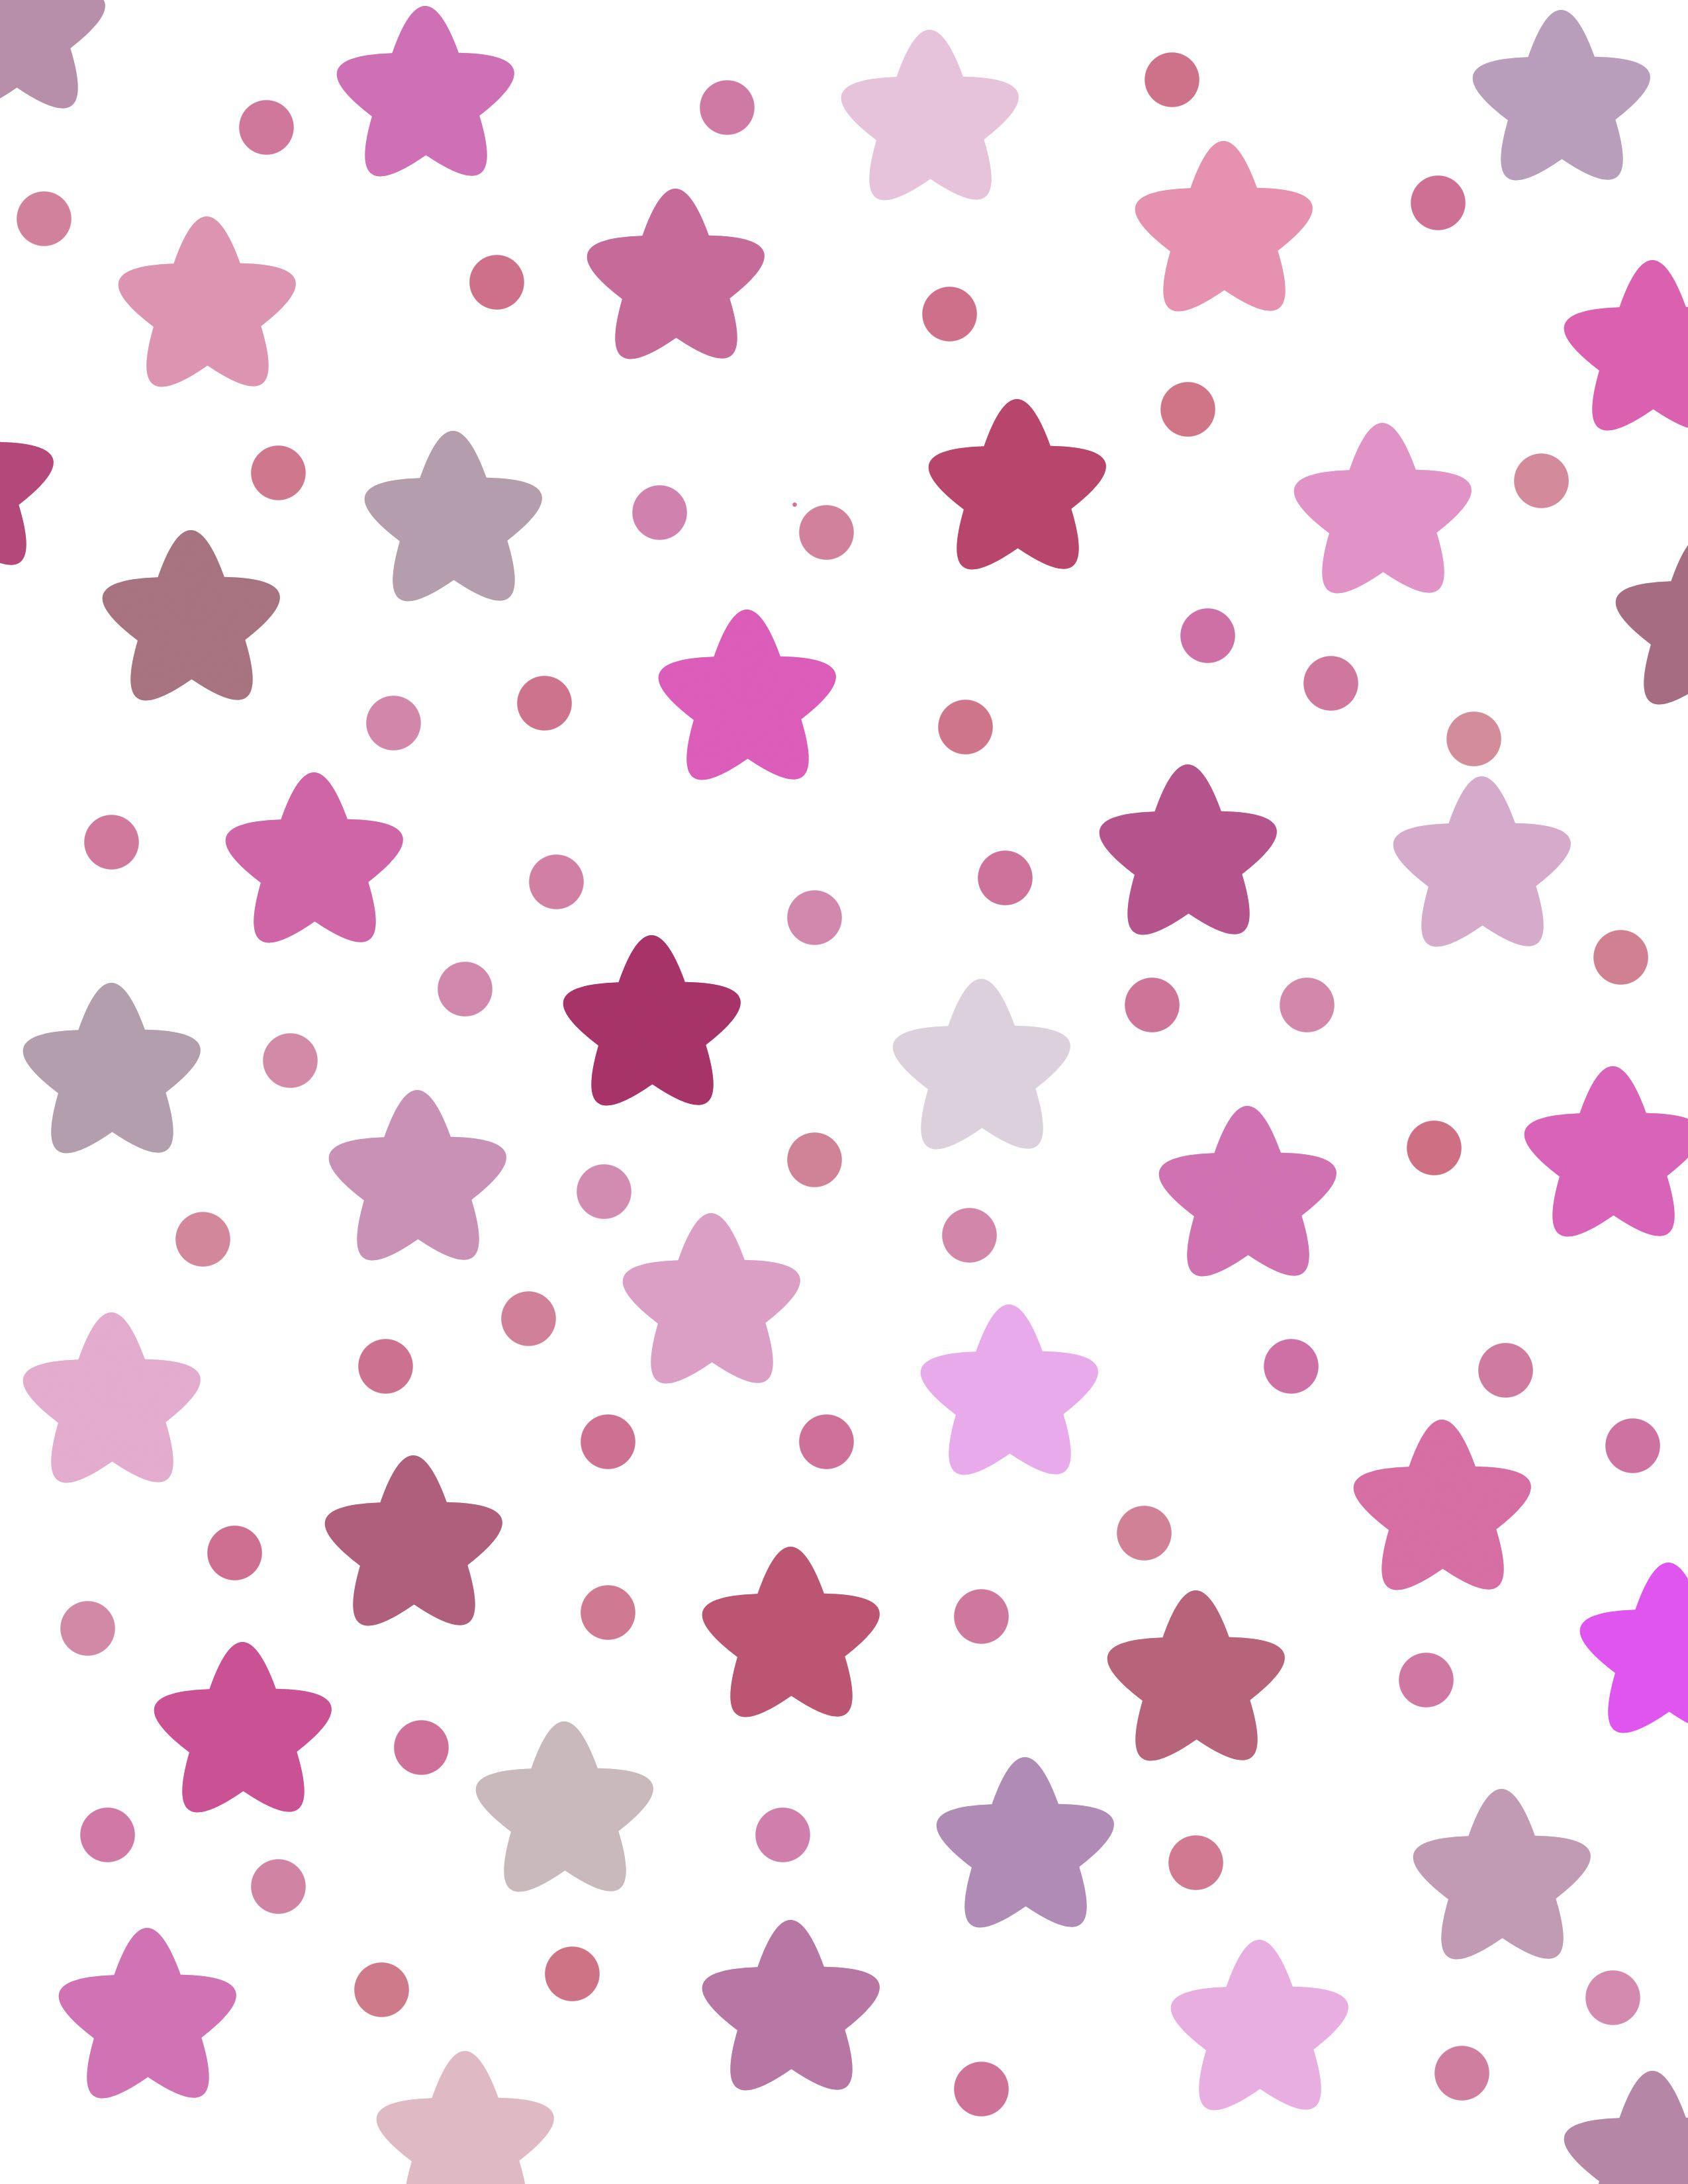 Estrellas fondos pinterest estrella fondos y papel for Papel decorativo pared